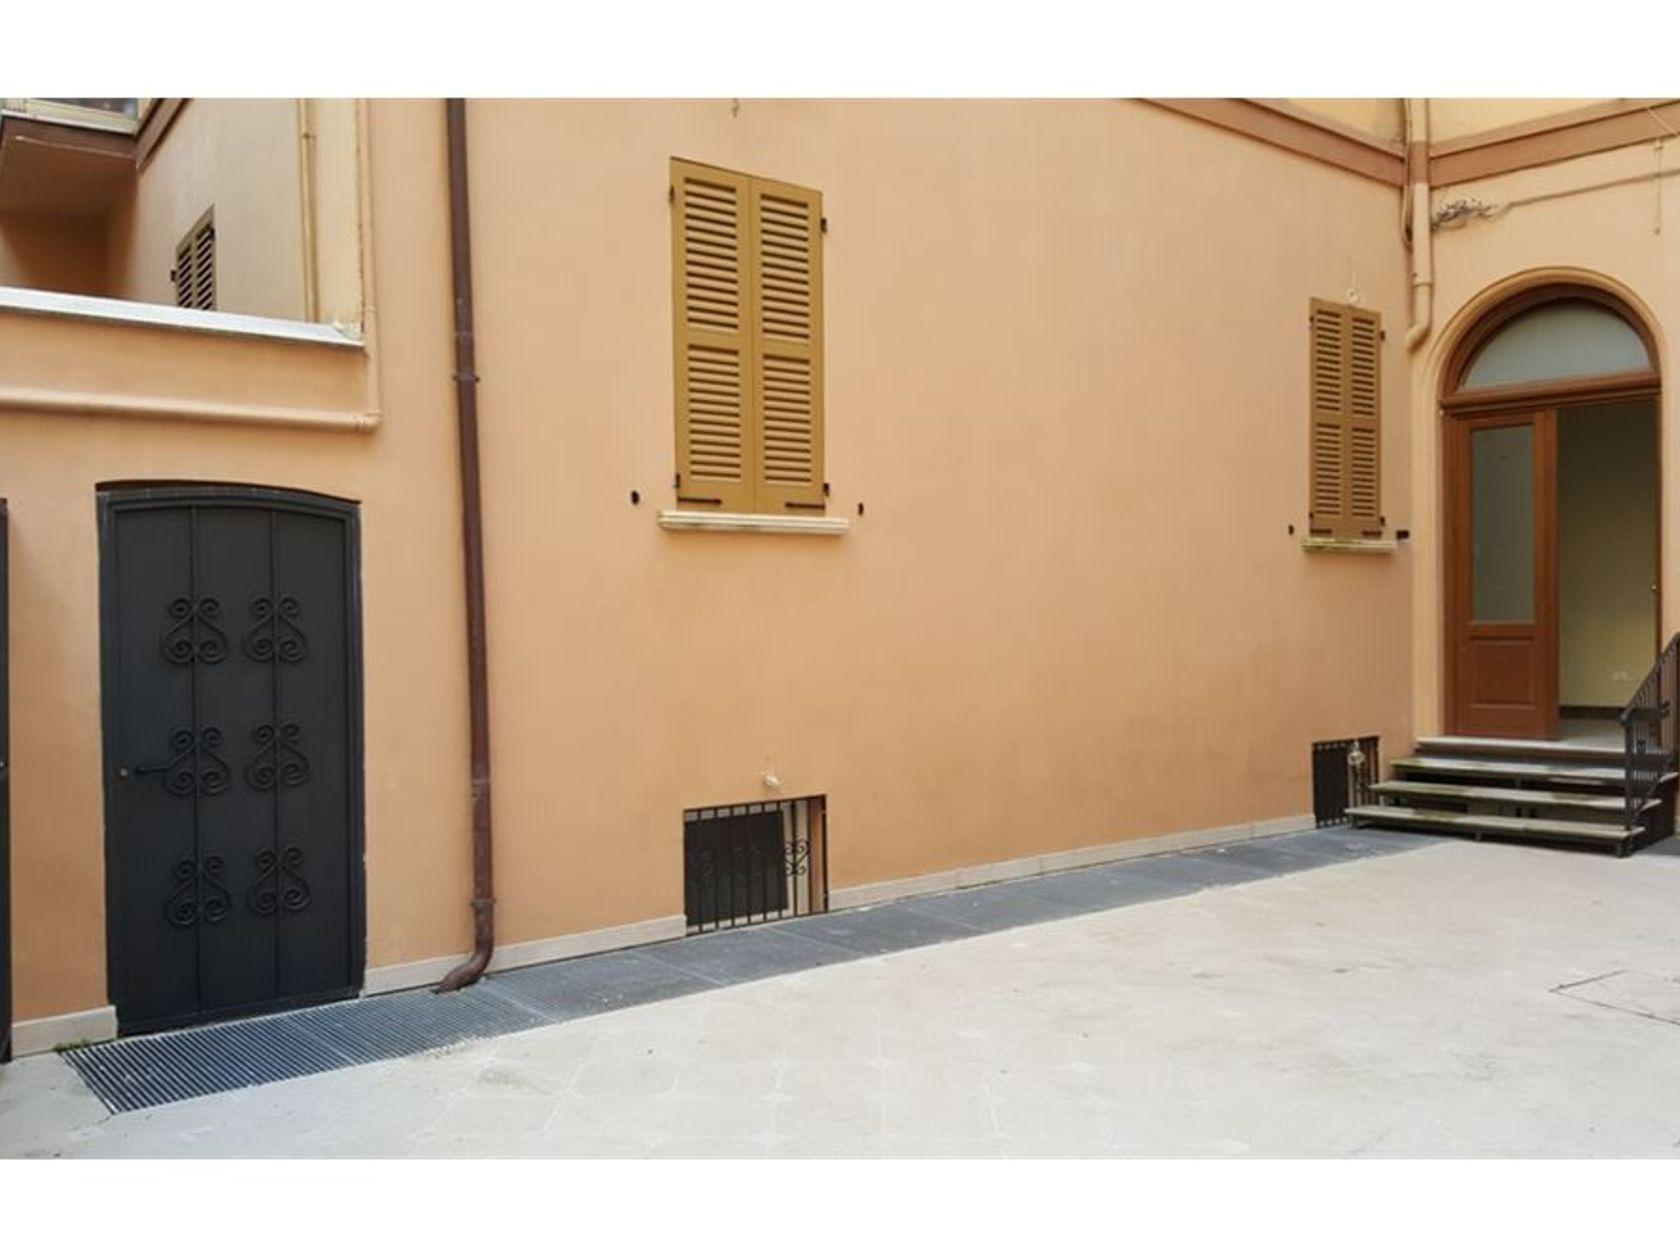 Appartamento Chieti, CH Affitto - Foto 8